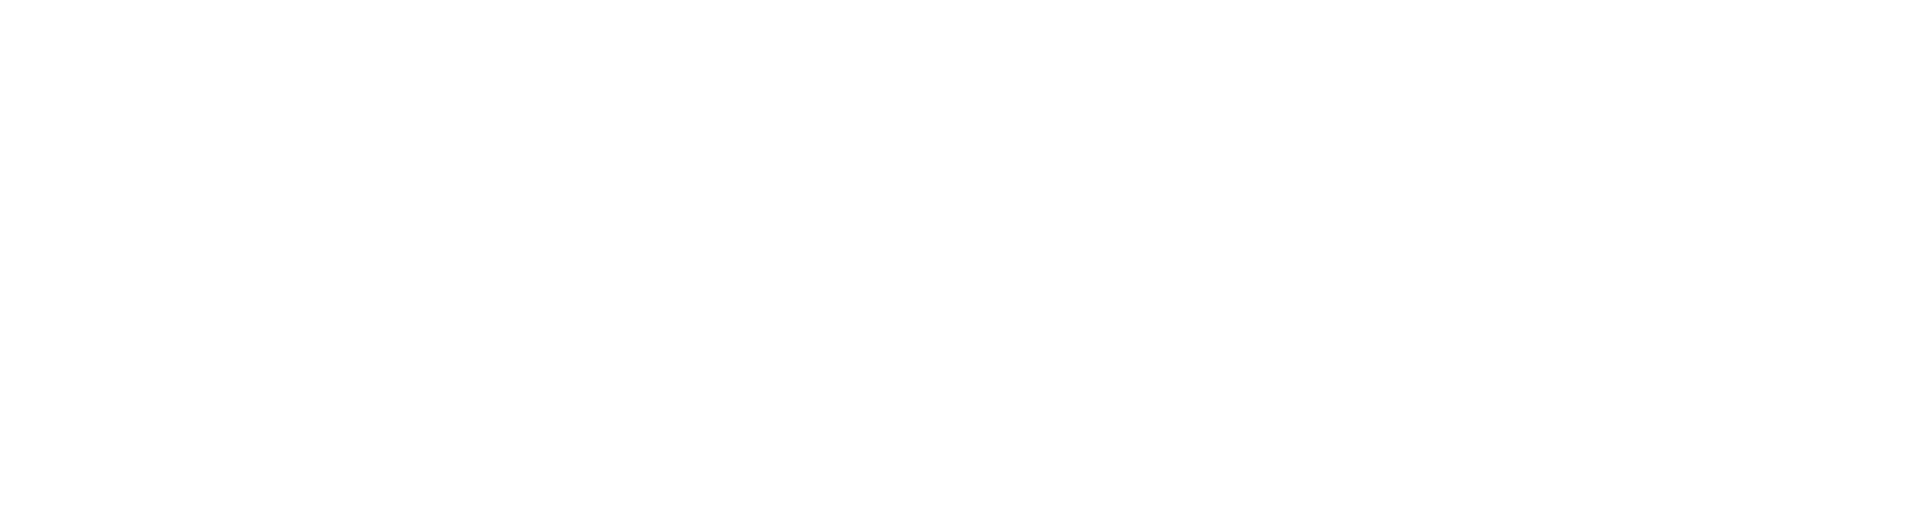 Melhypno